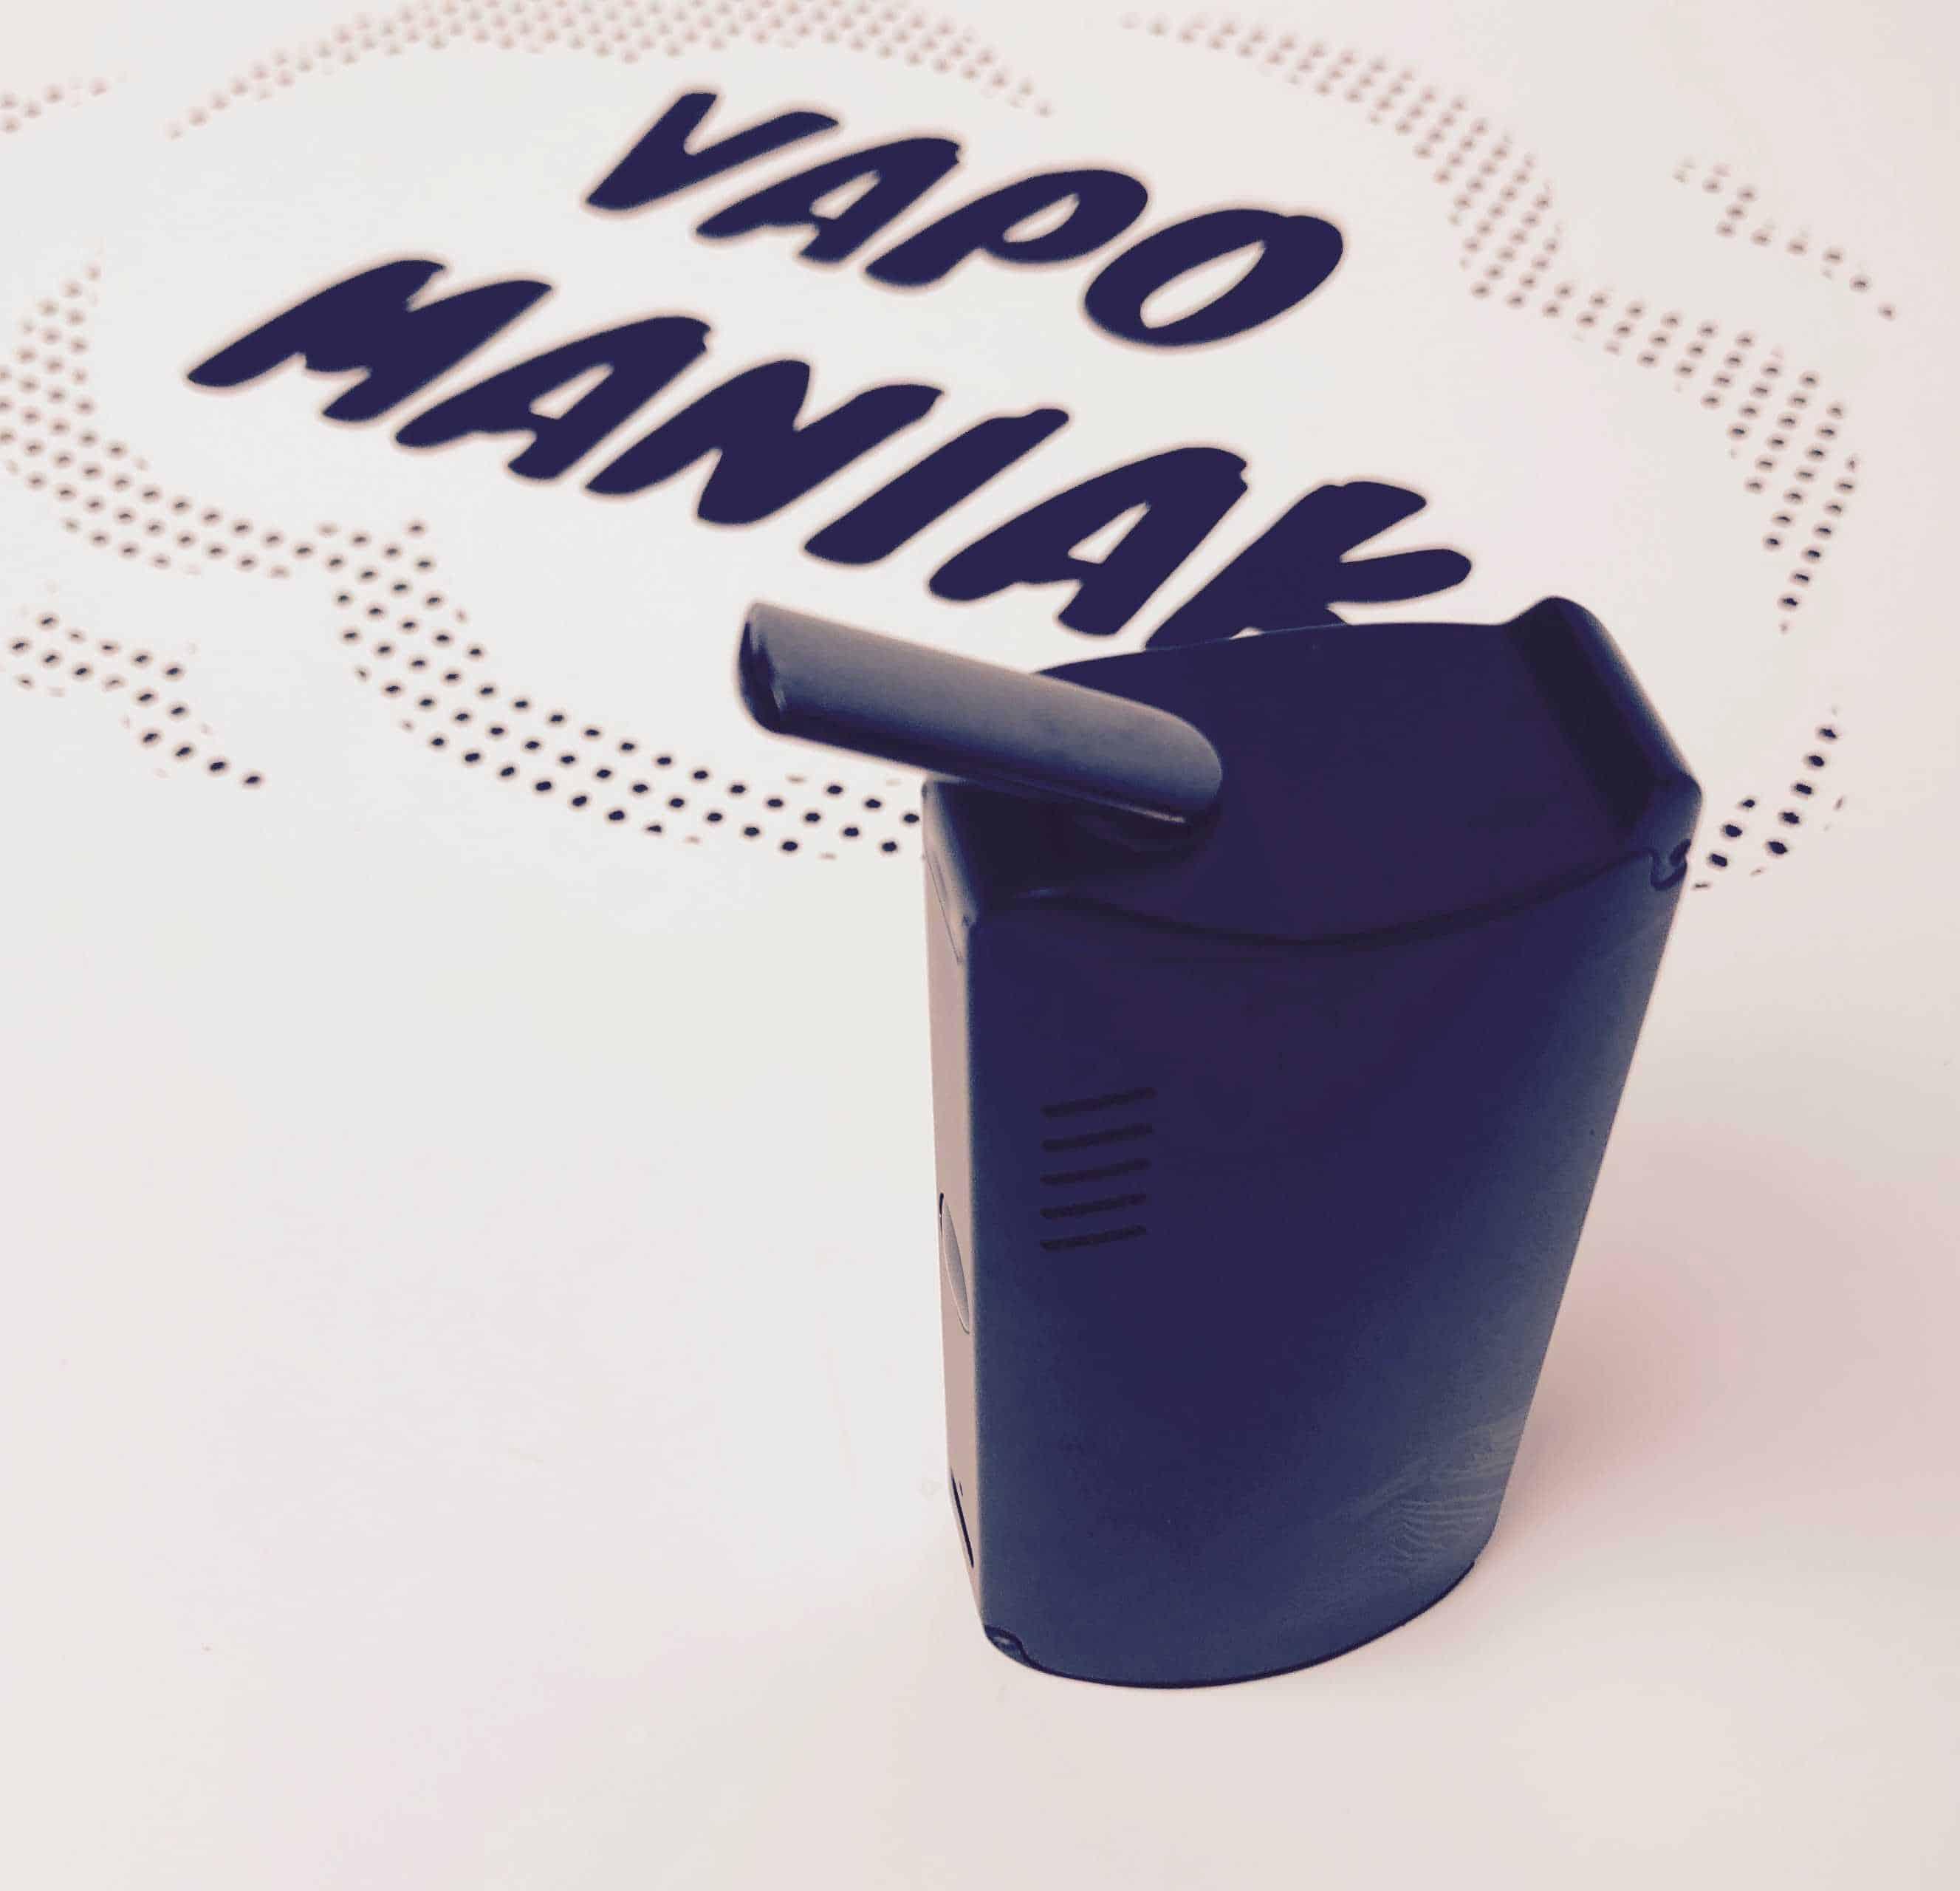 XVape Fog Vaporizer Ceramiczny ustnik zapewnia świetny smak pary.